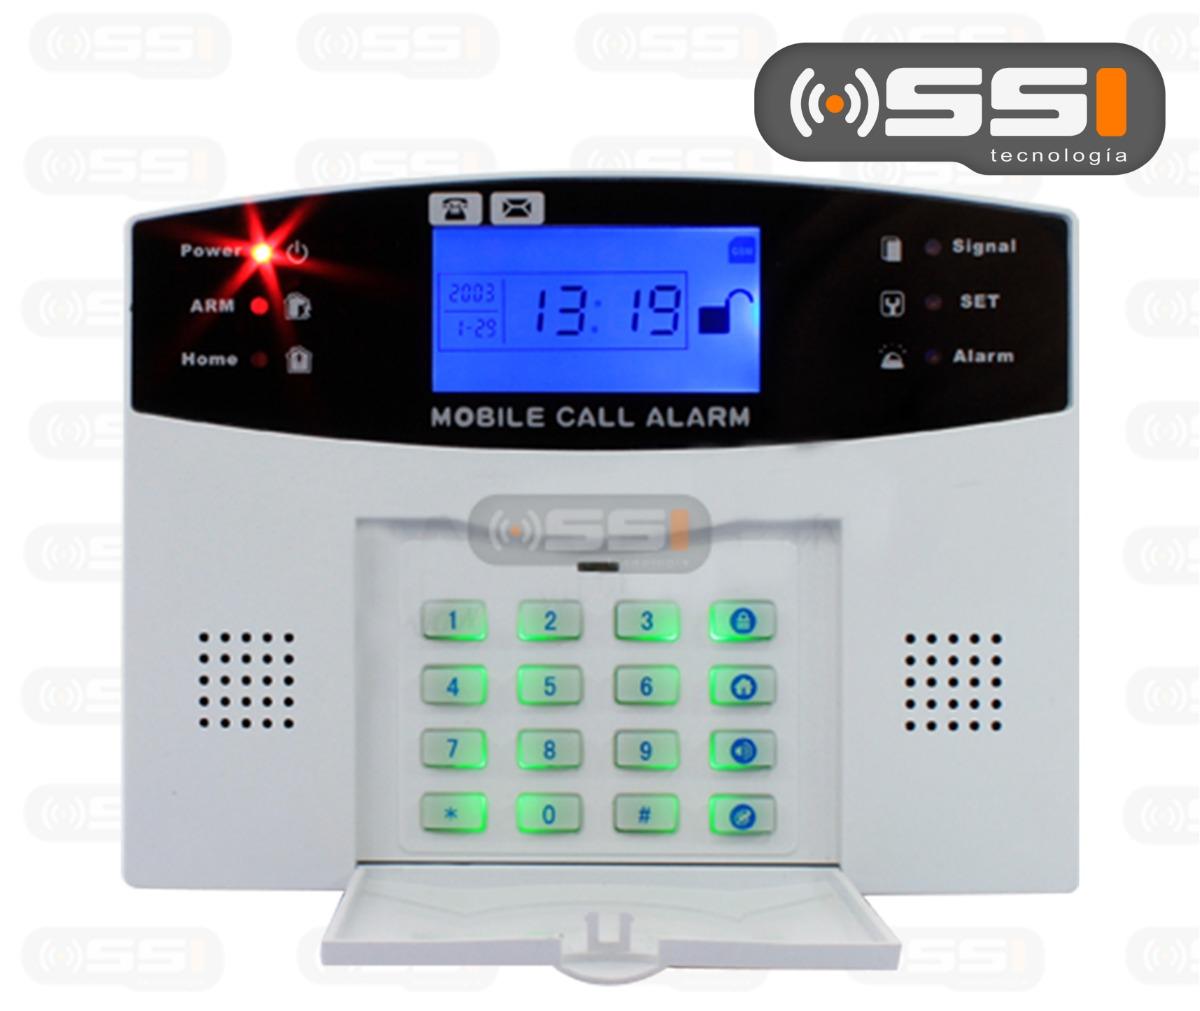 Alarma gsm inalambrica inteligente para casa negocio hm4 - Alarmas baratas para casa ...